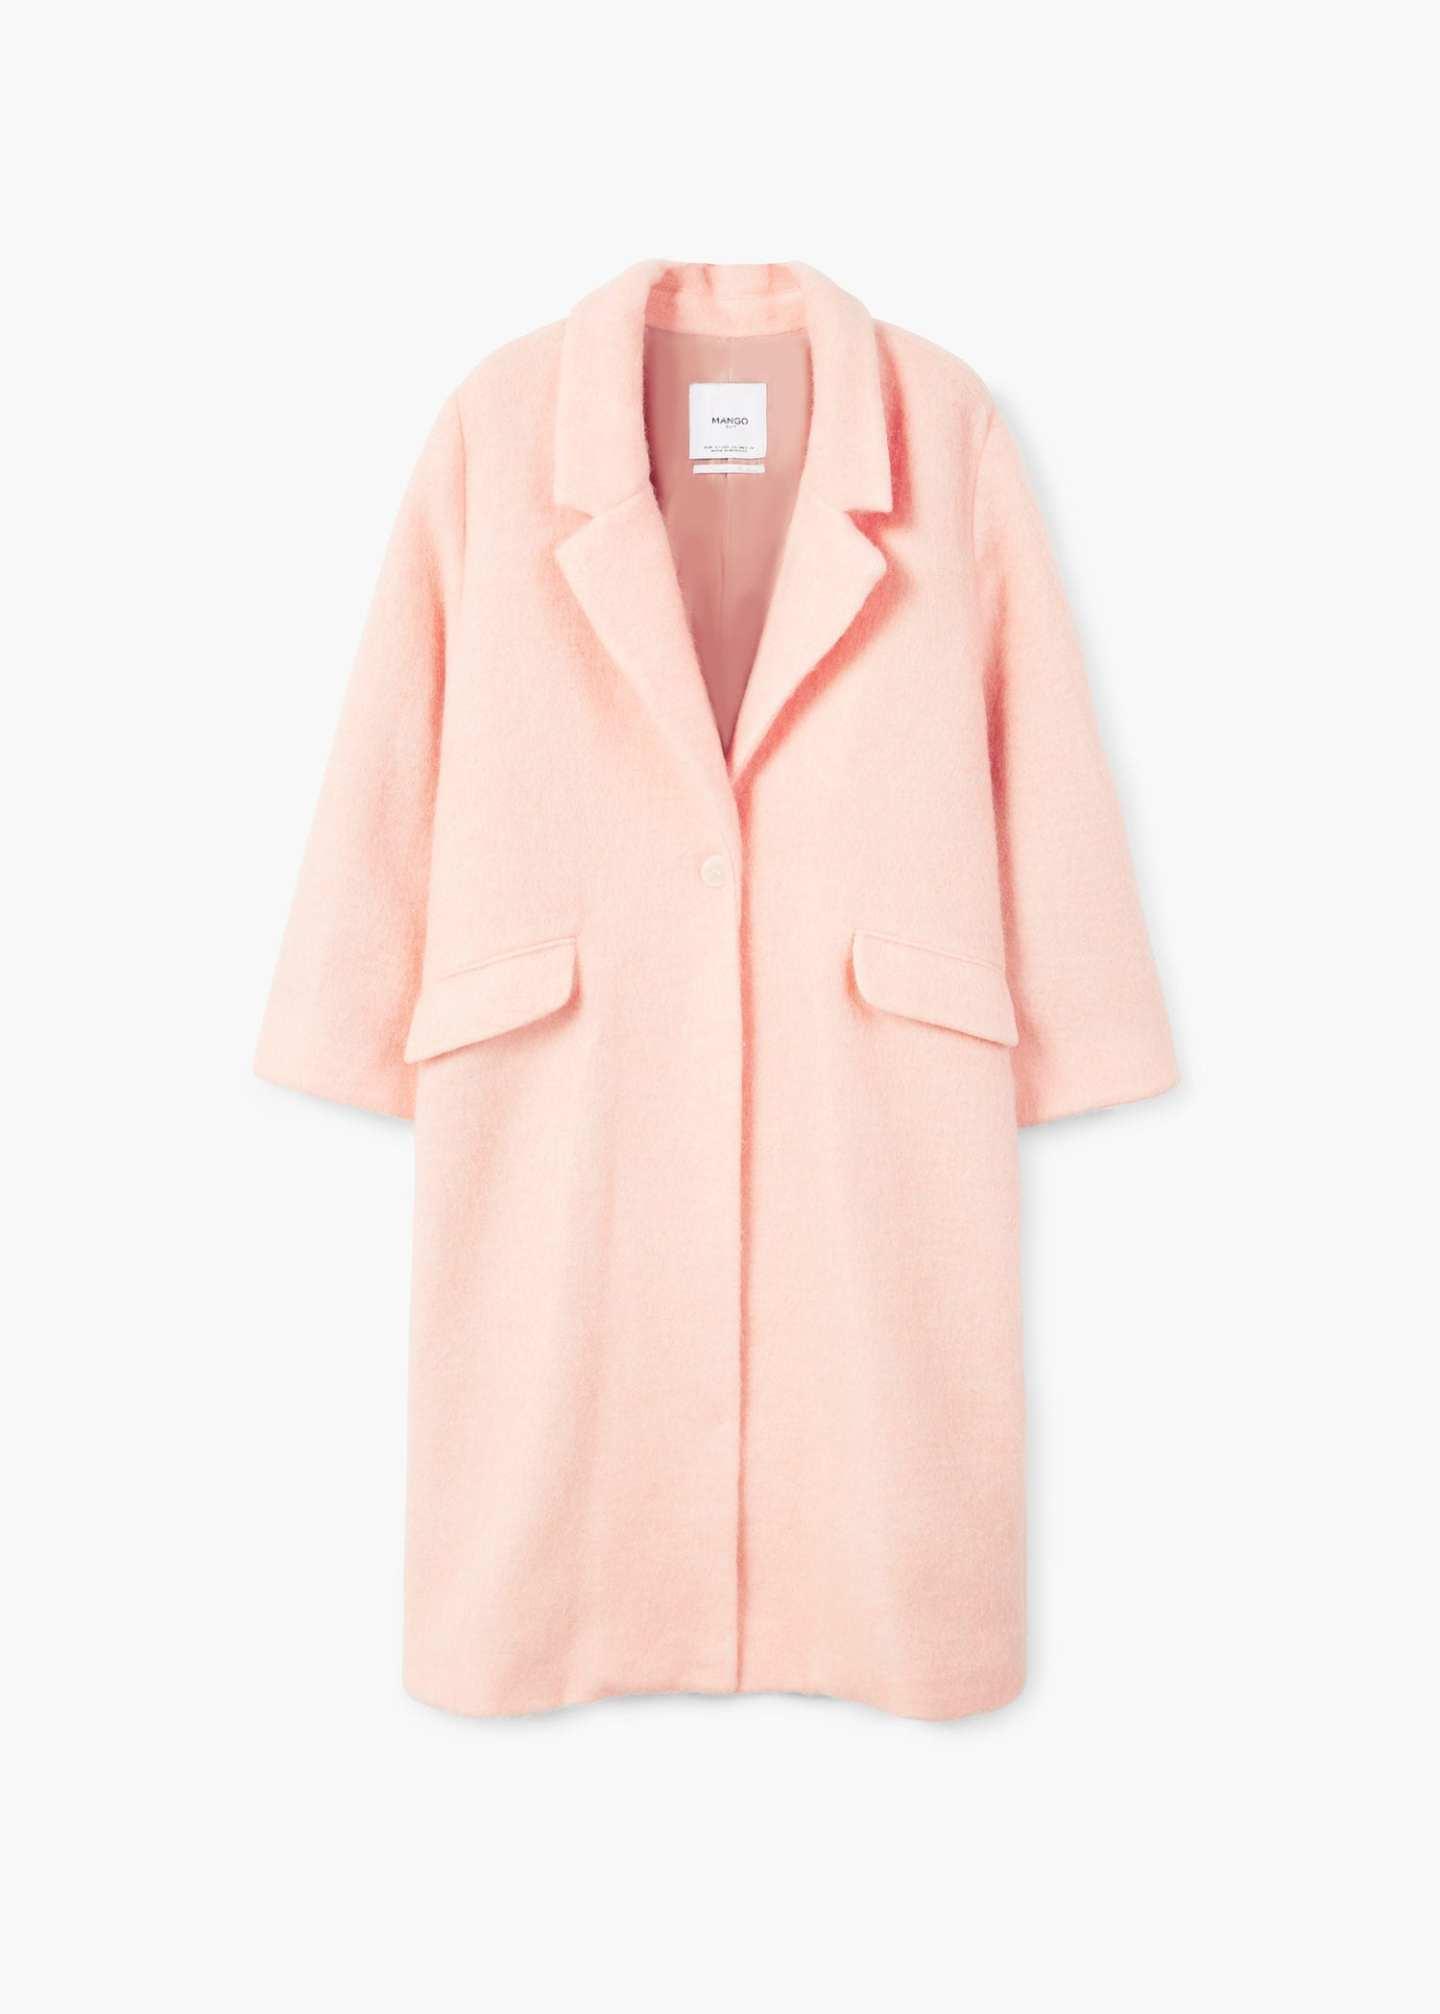 Mango peach coat